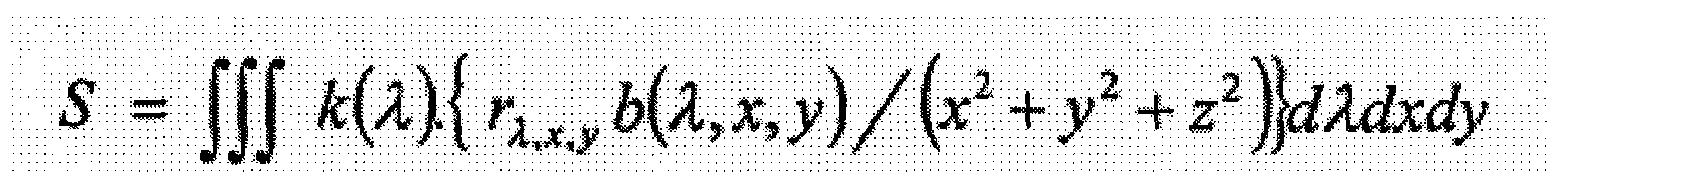 Figure CN1950857BC00031